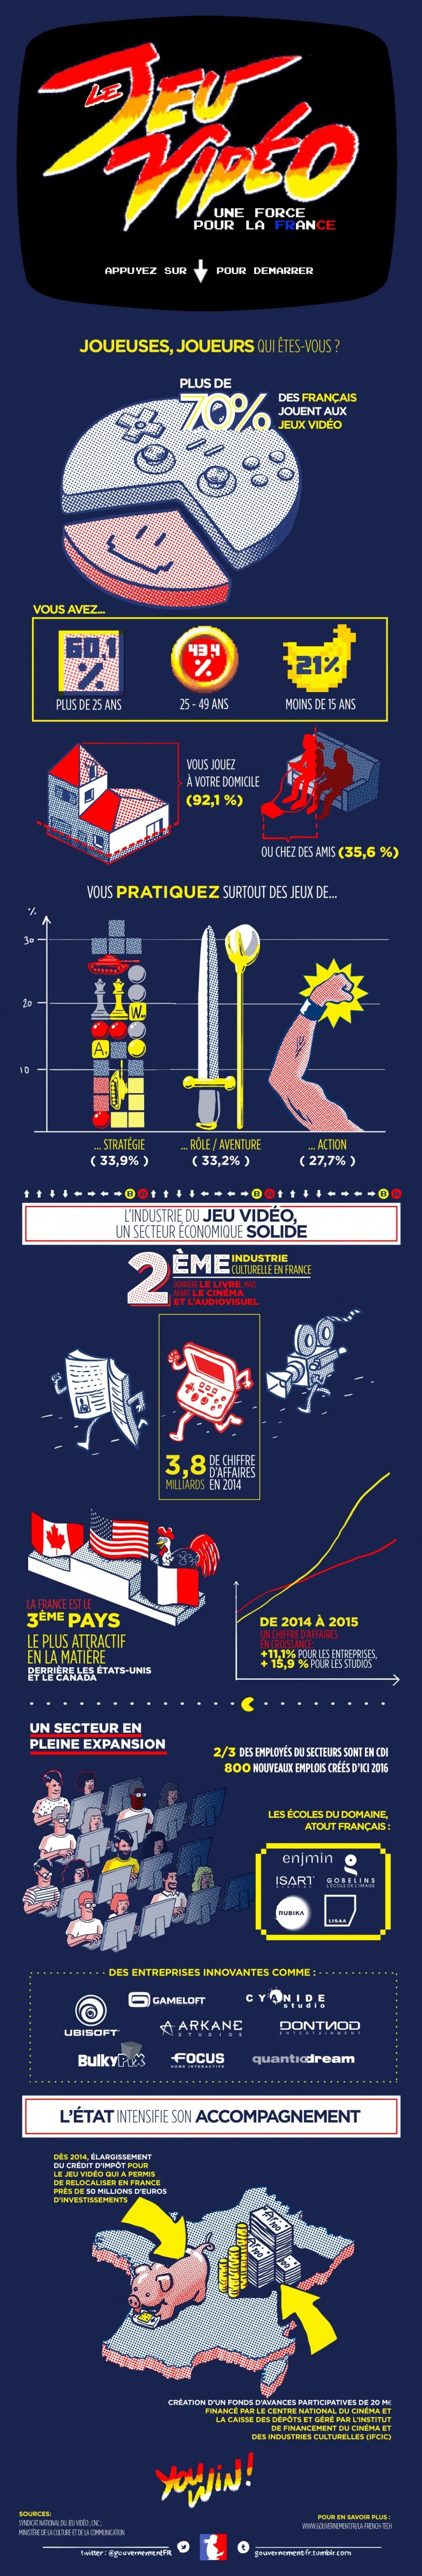 jeu-video-force-france Infographie : le gouvernement milite pour le jeu vidéo en France